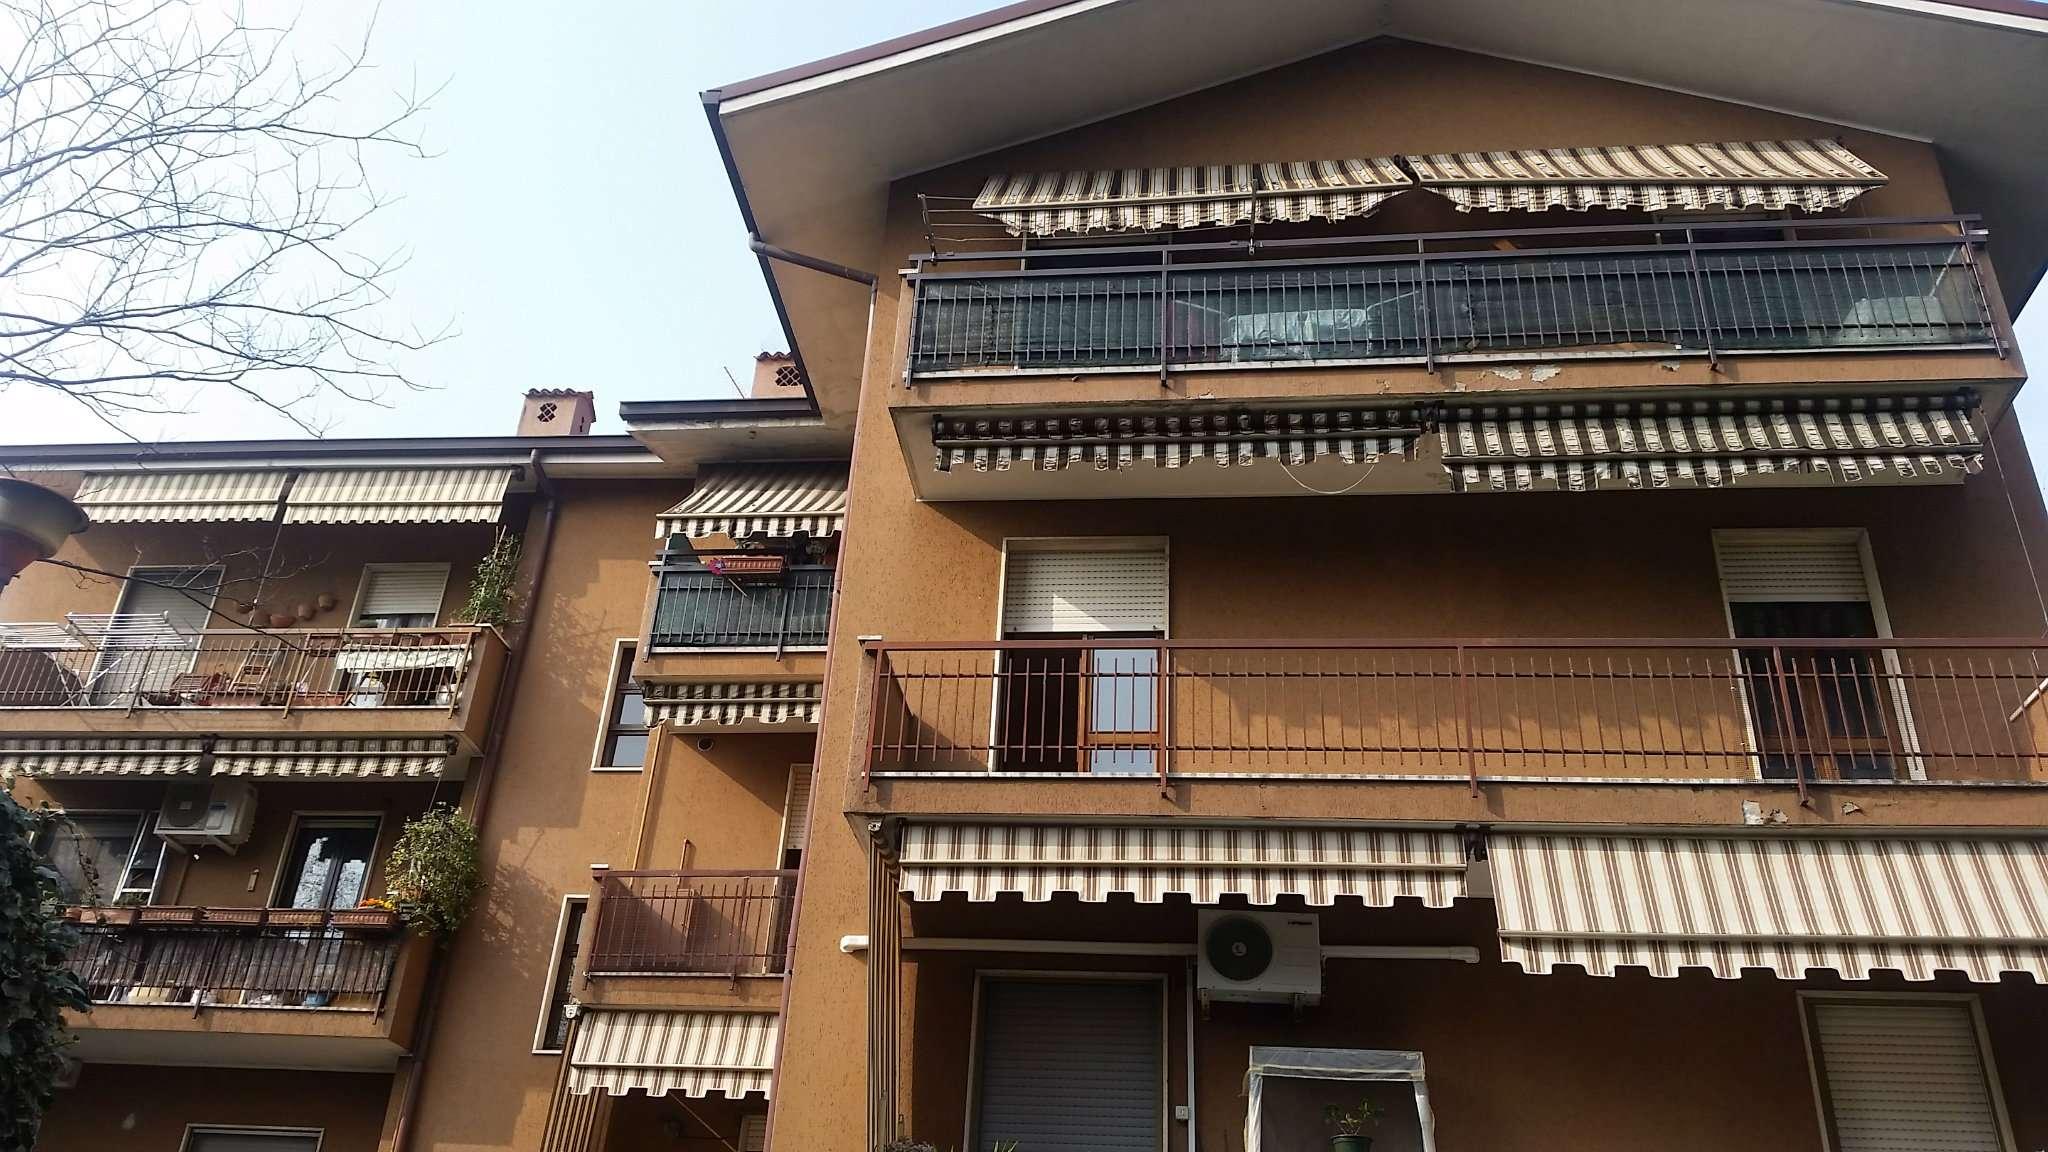 Bilocale vendita arconate via piazza san carlo for Planimetrie piano piano gratuito